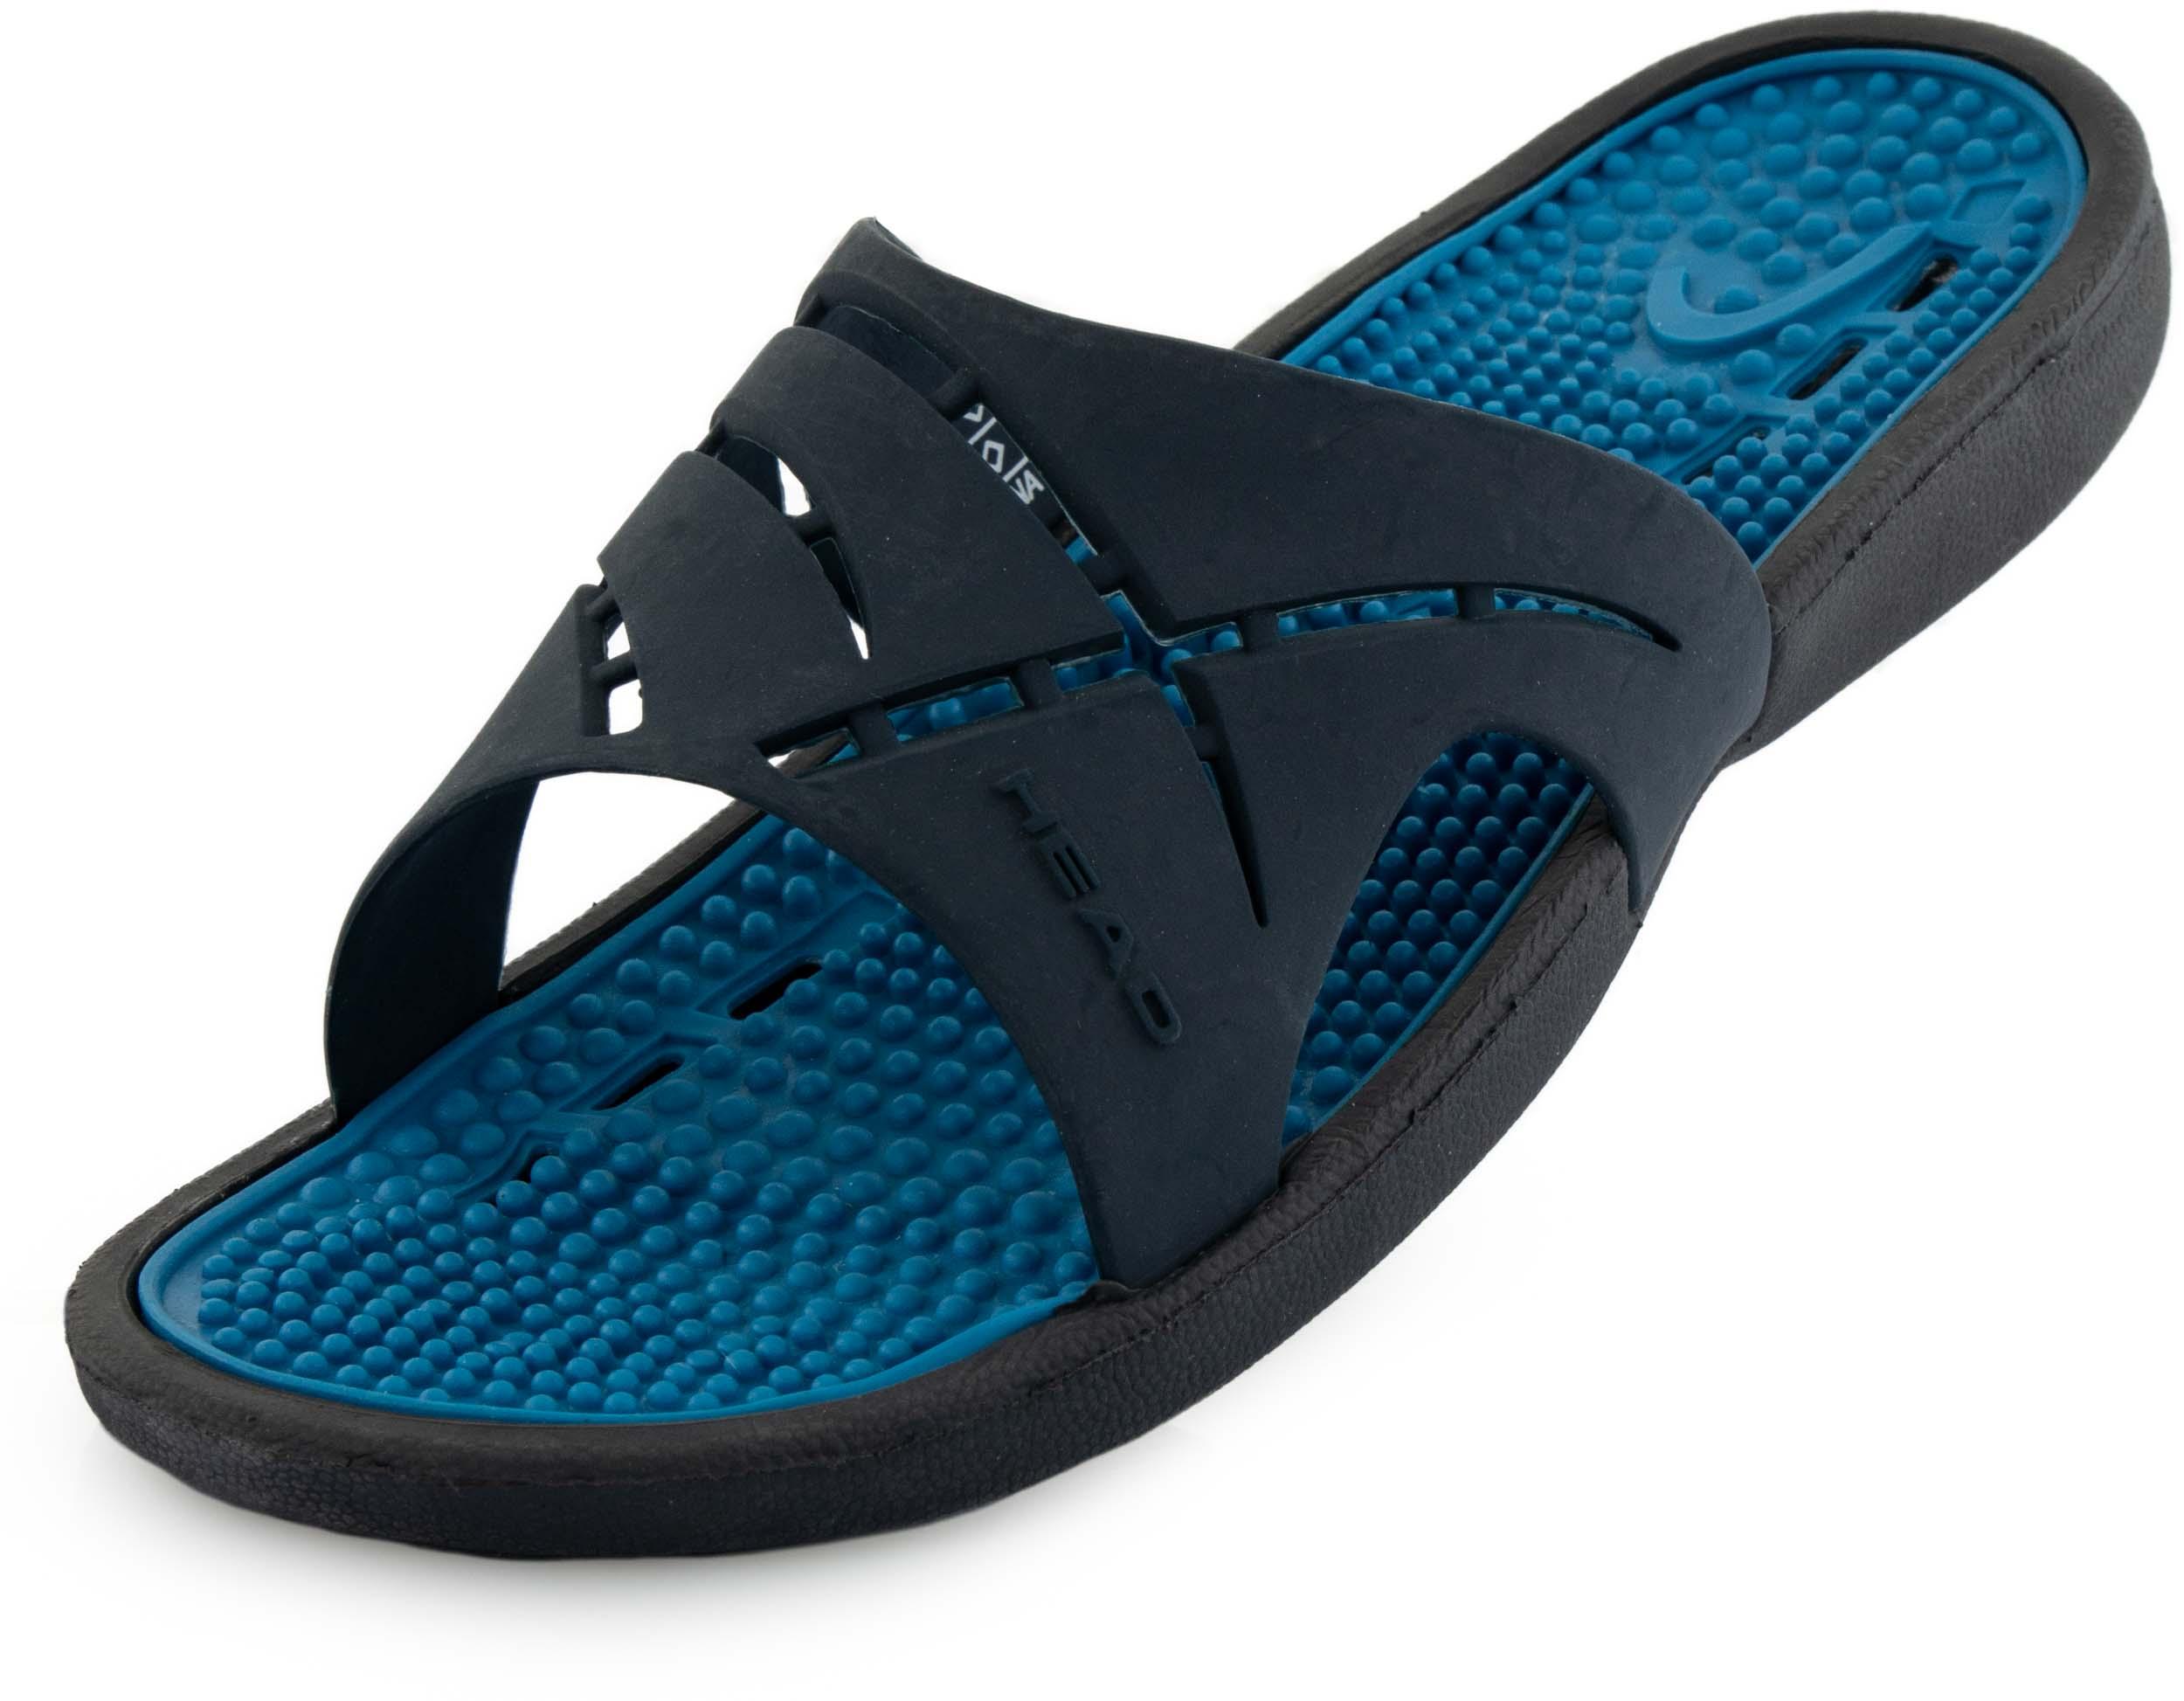 Pantofle Head Chrono Massage Blue